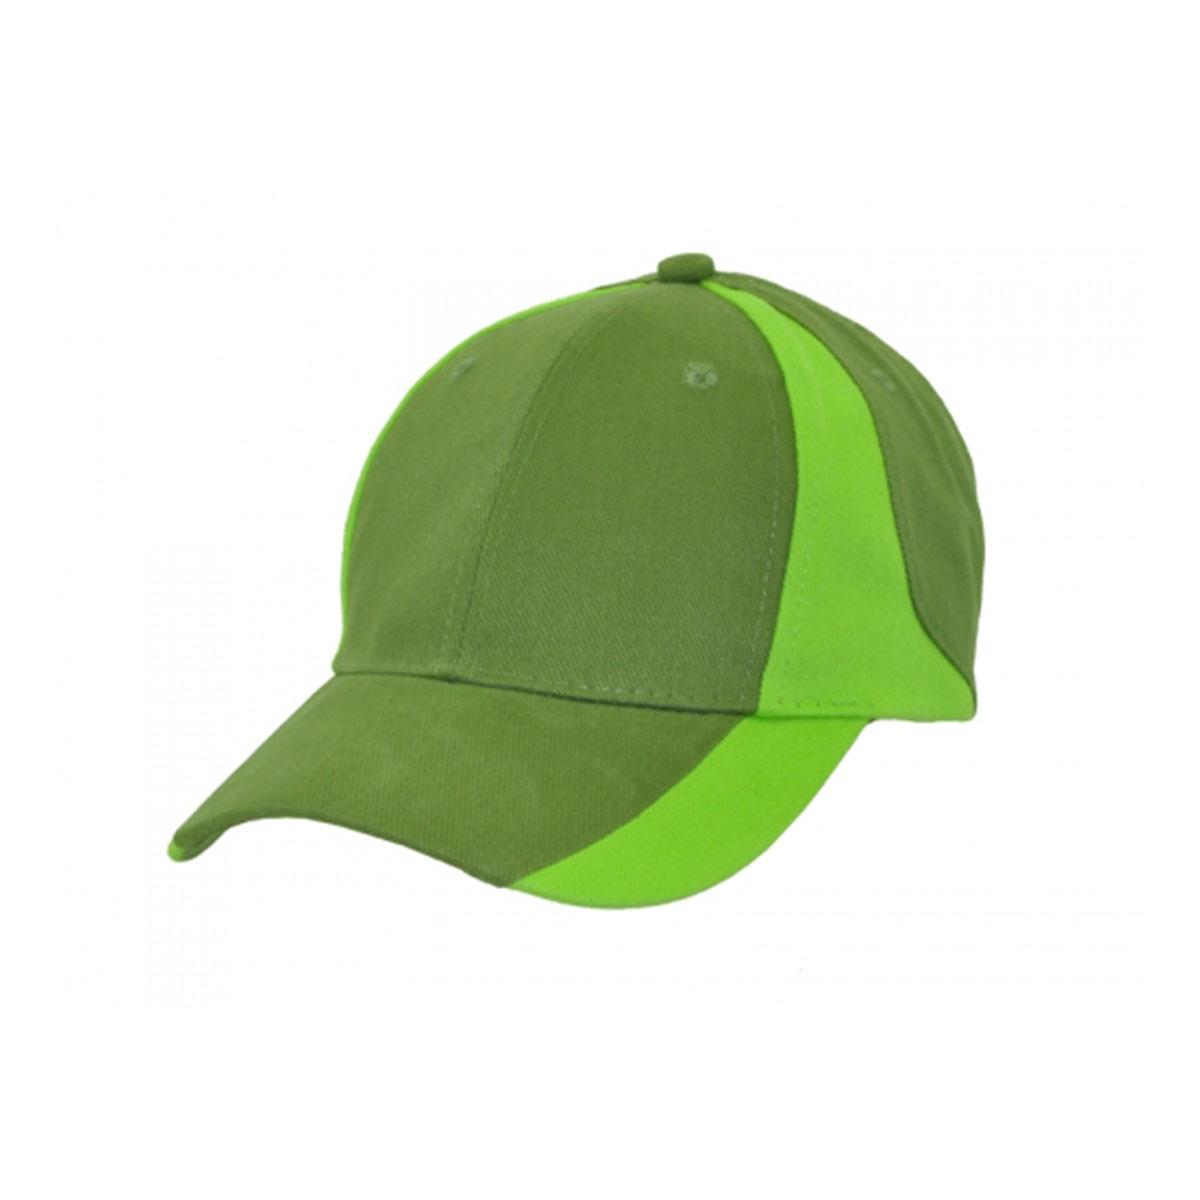 Vertek Cap-Olive / Lime